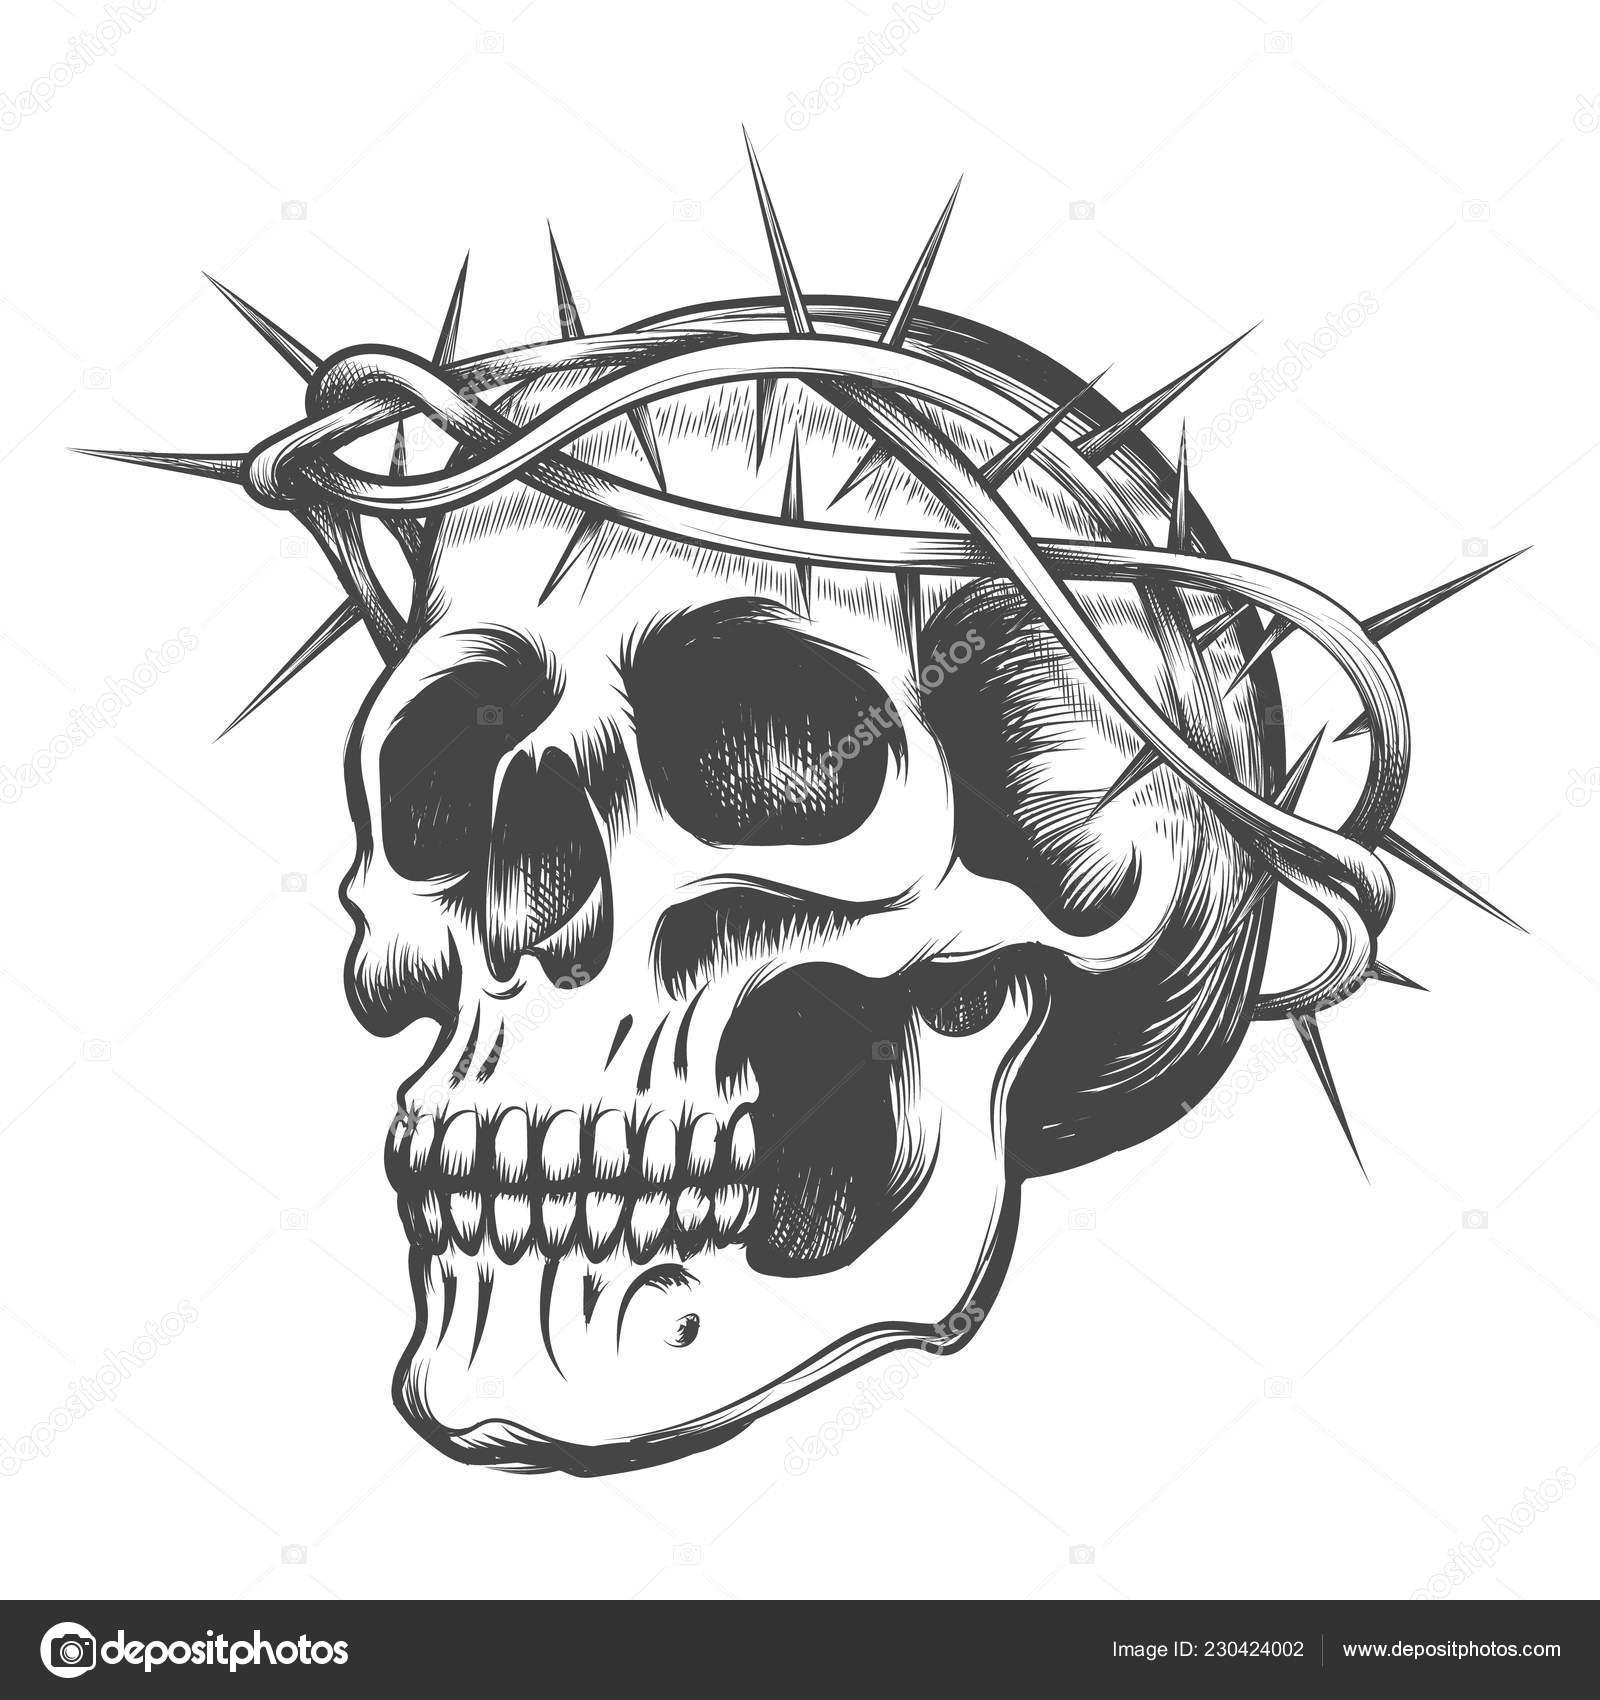 Cráneo Humano Corona Espinas Dibujado Estilo Tatuaje Ilustración